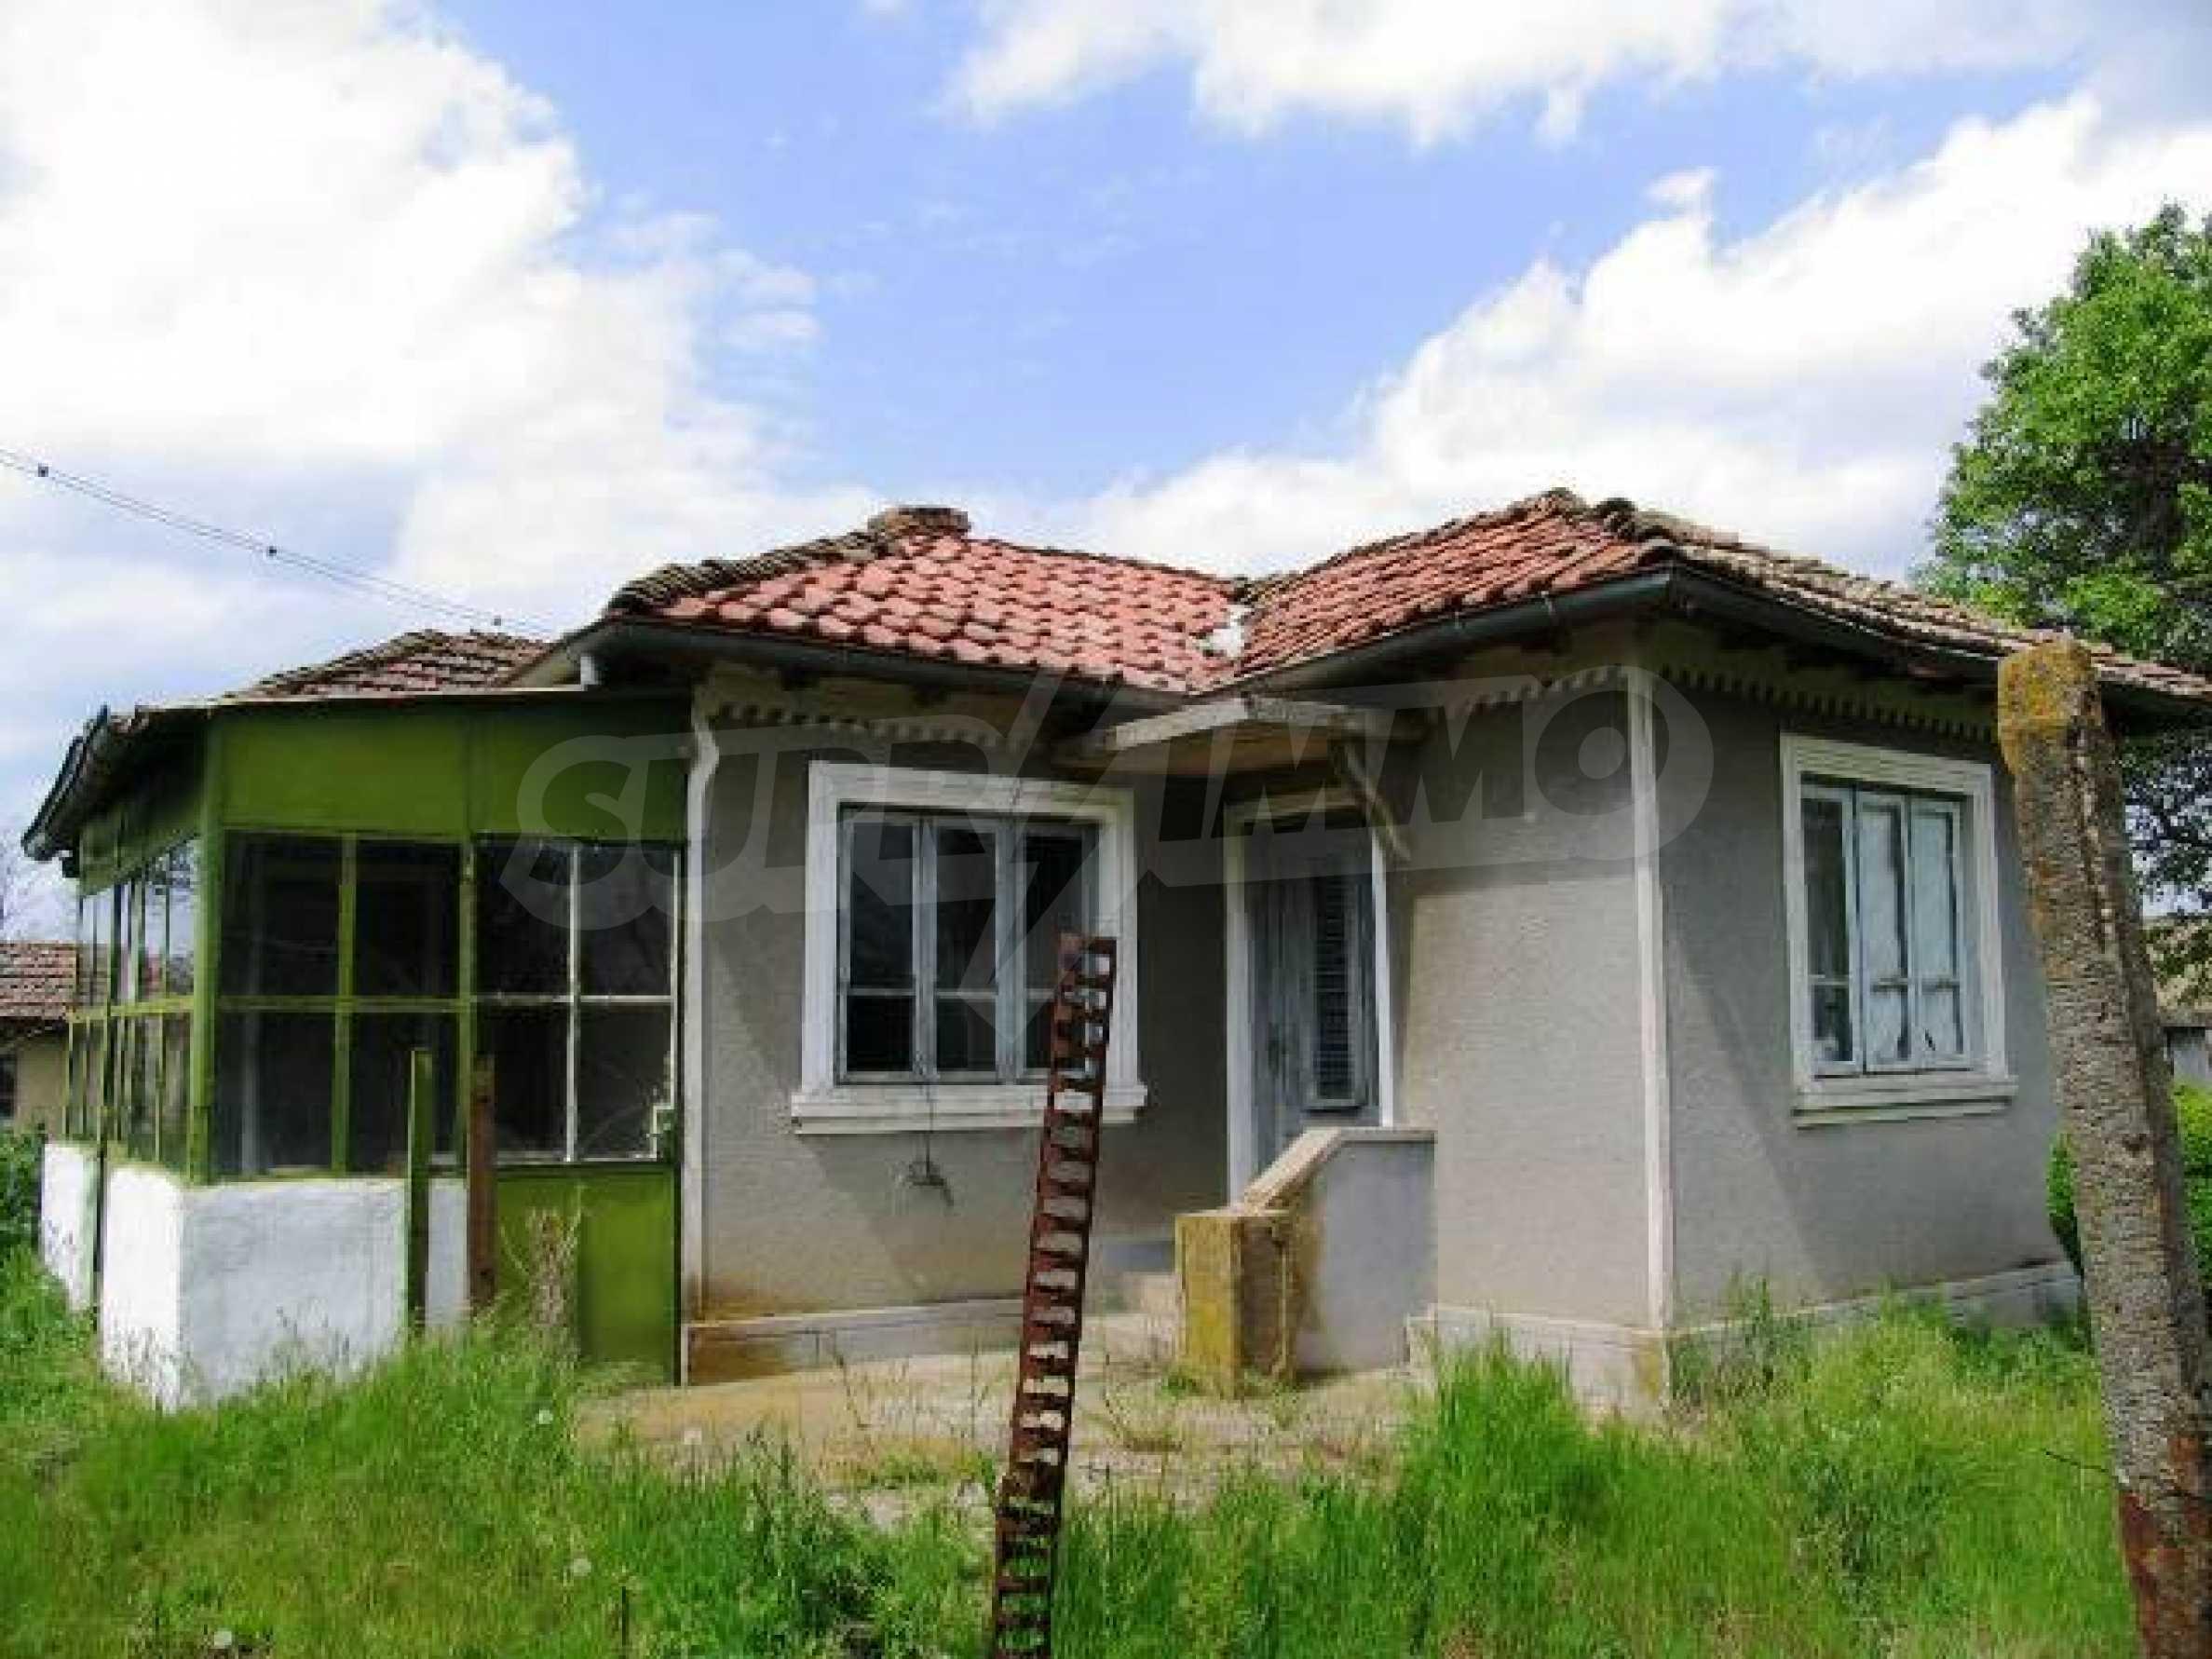 House for sale in Zementsi village near by Romanian border 1